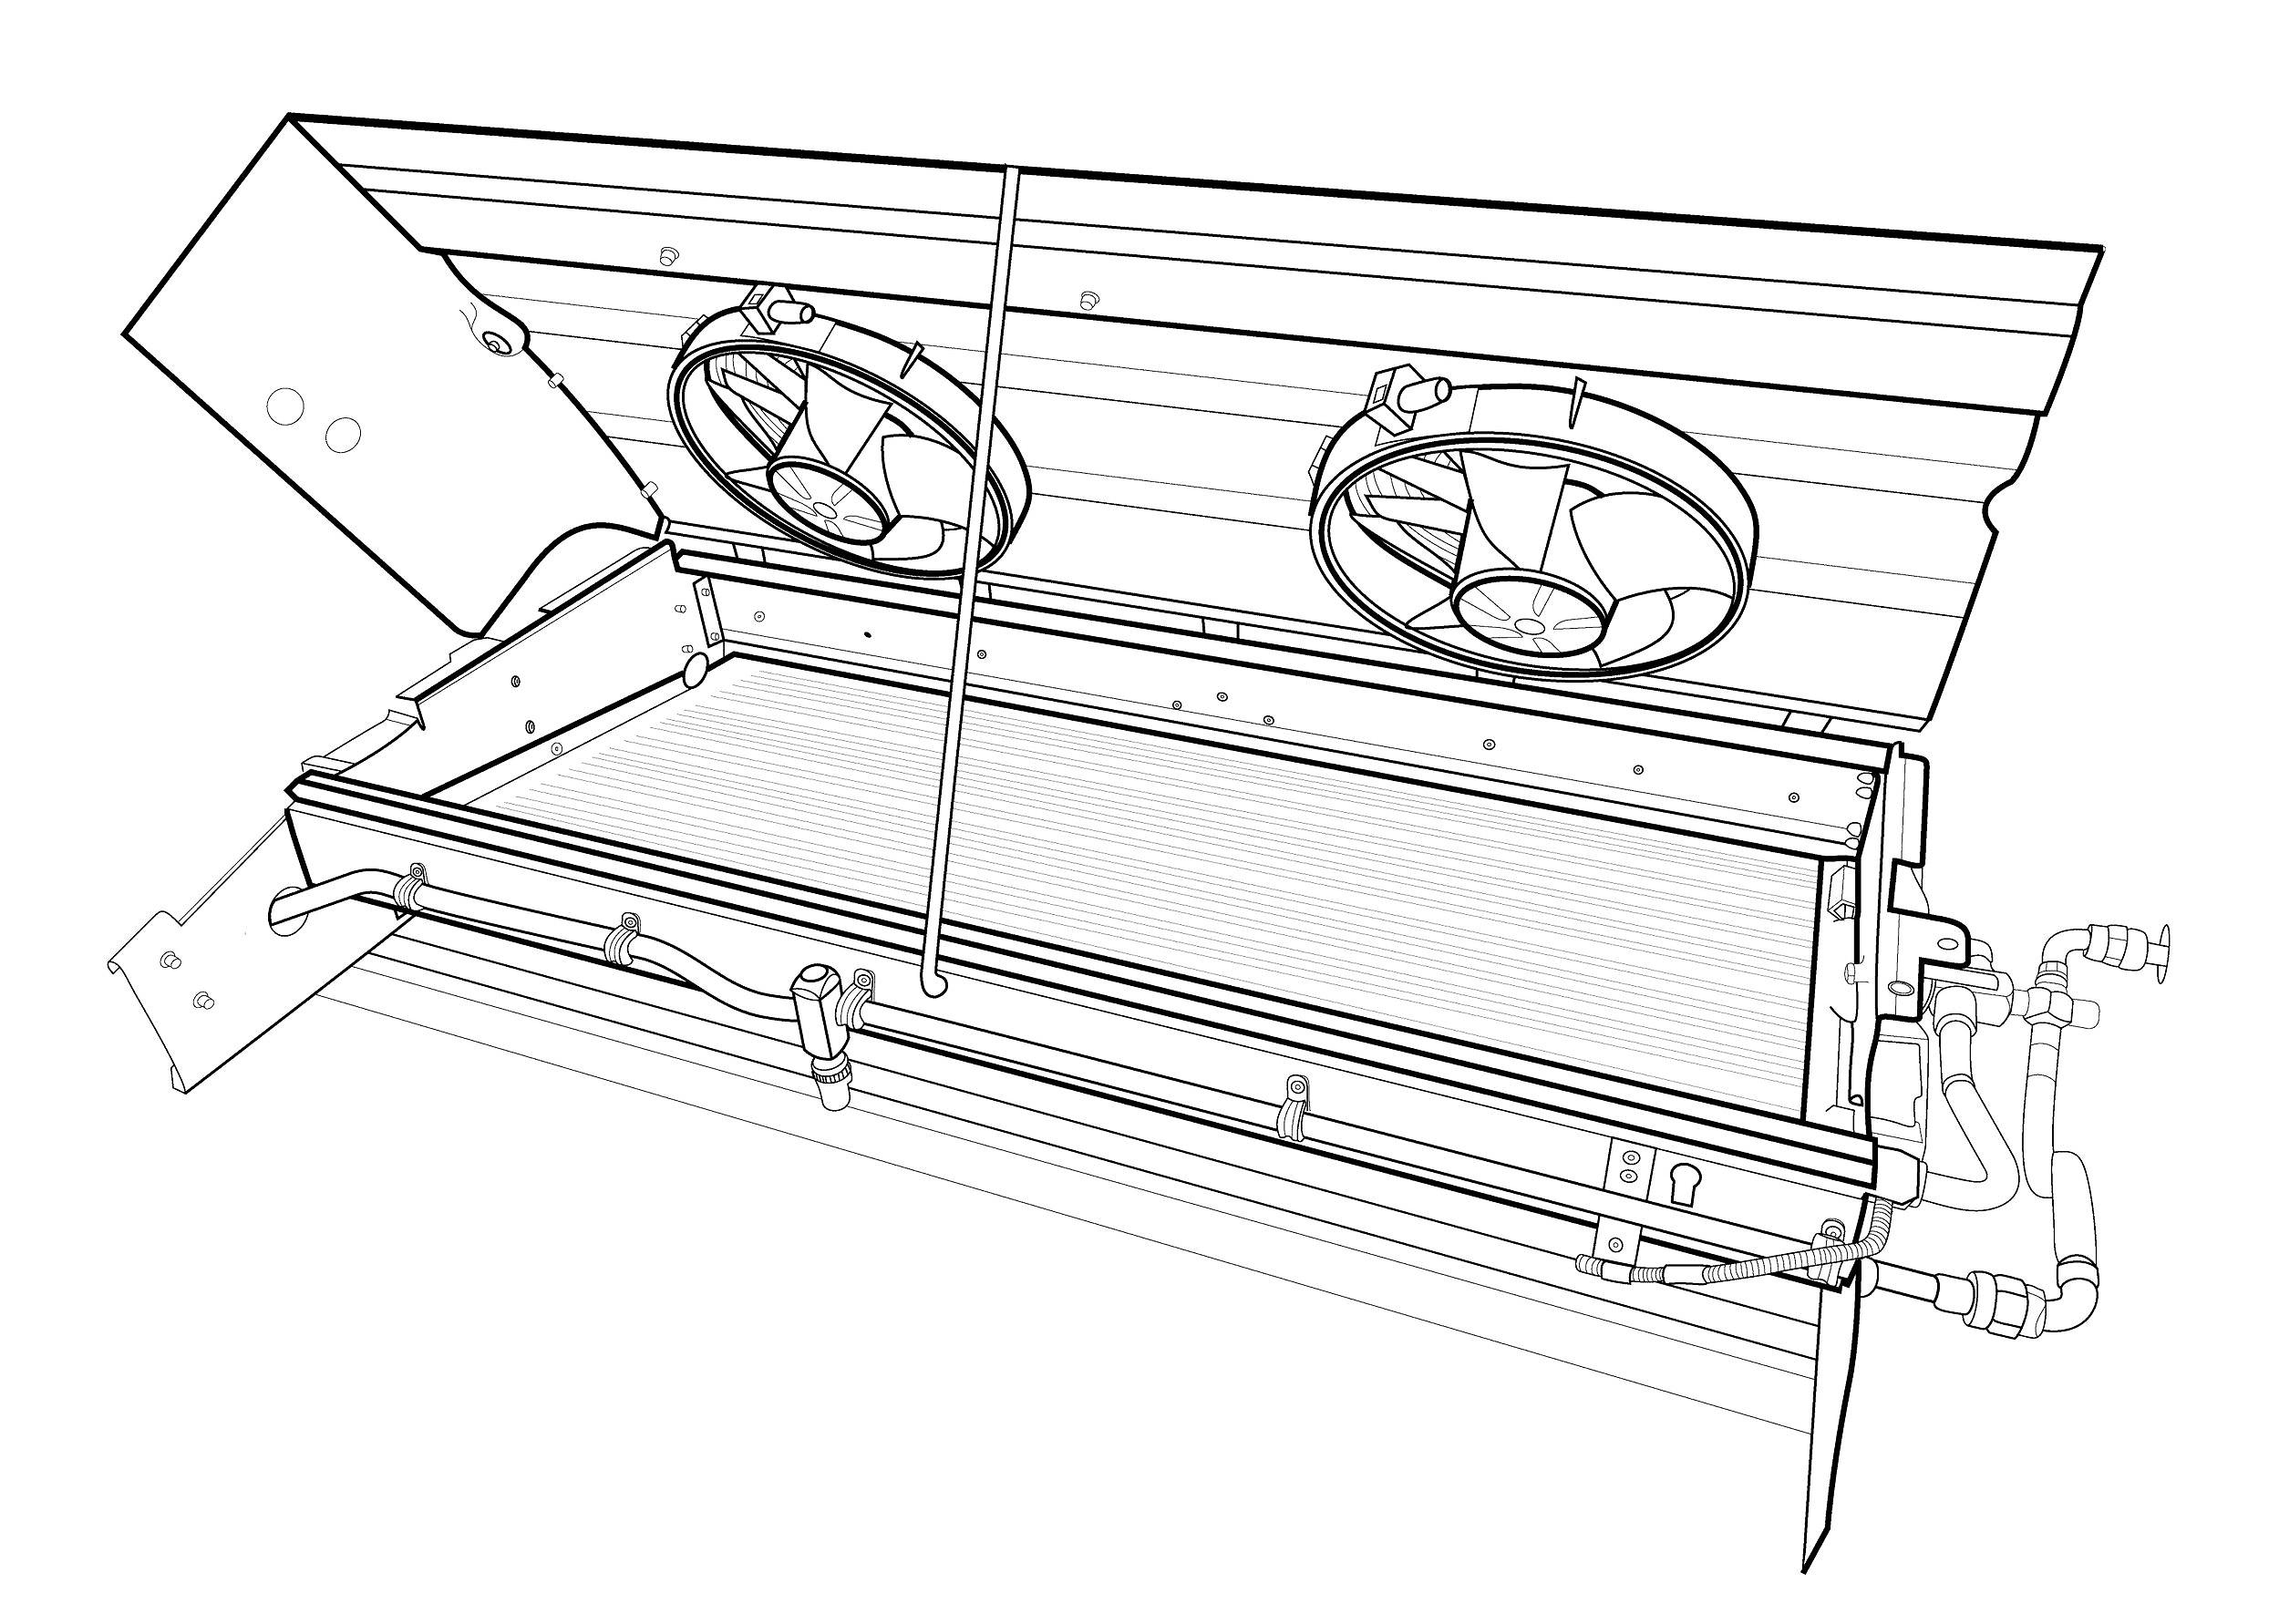 HVAC image 1.jpg